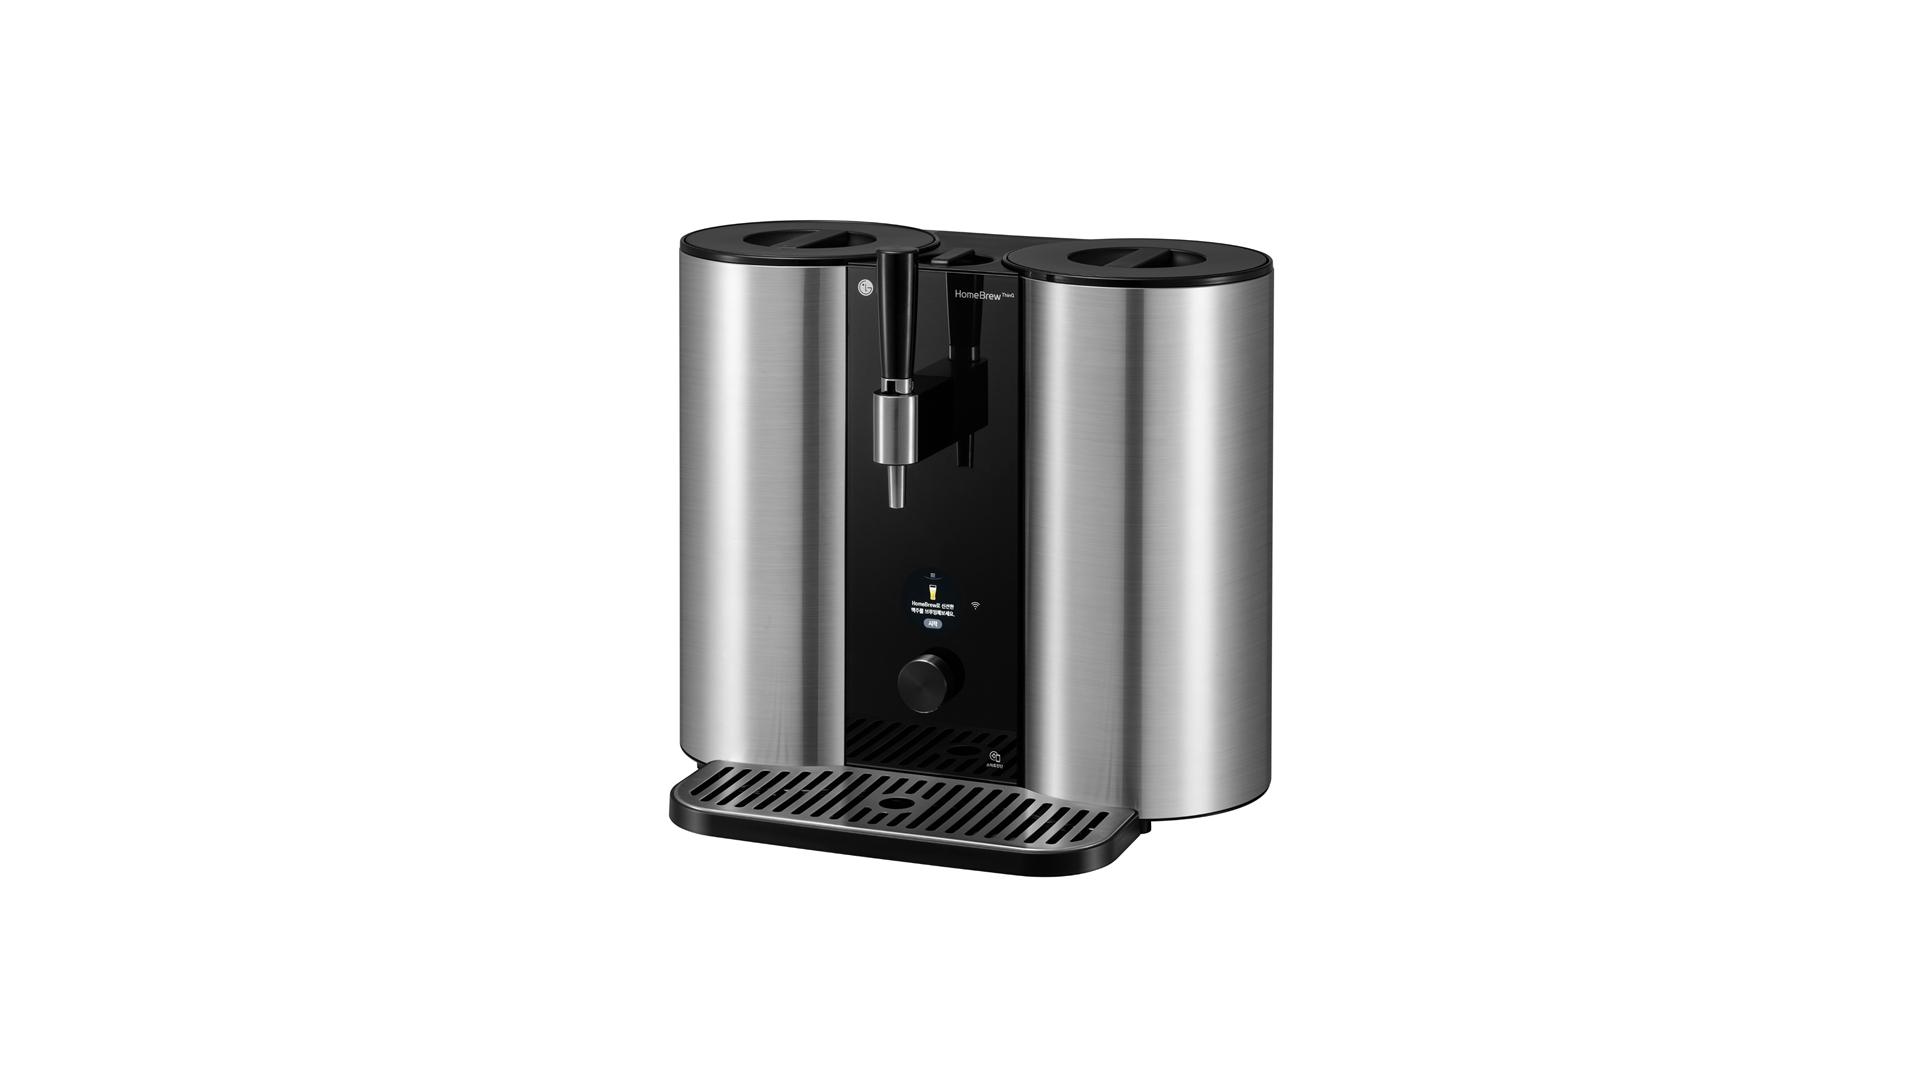 100만원대 캡슐형 수제맥주제조기 'LG 홈브루' 신제품 출시